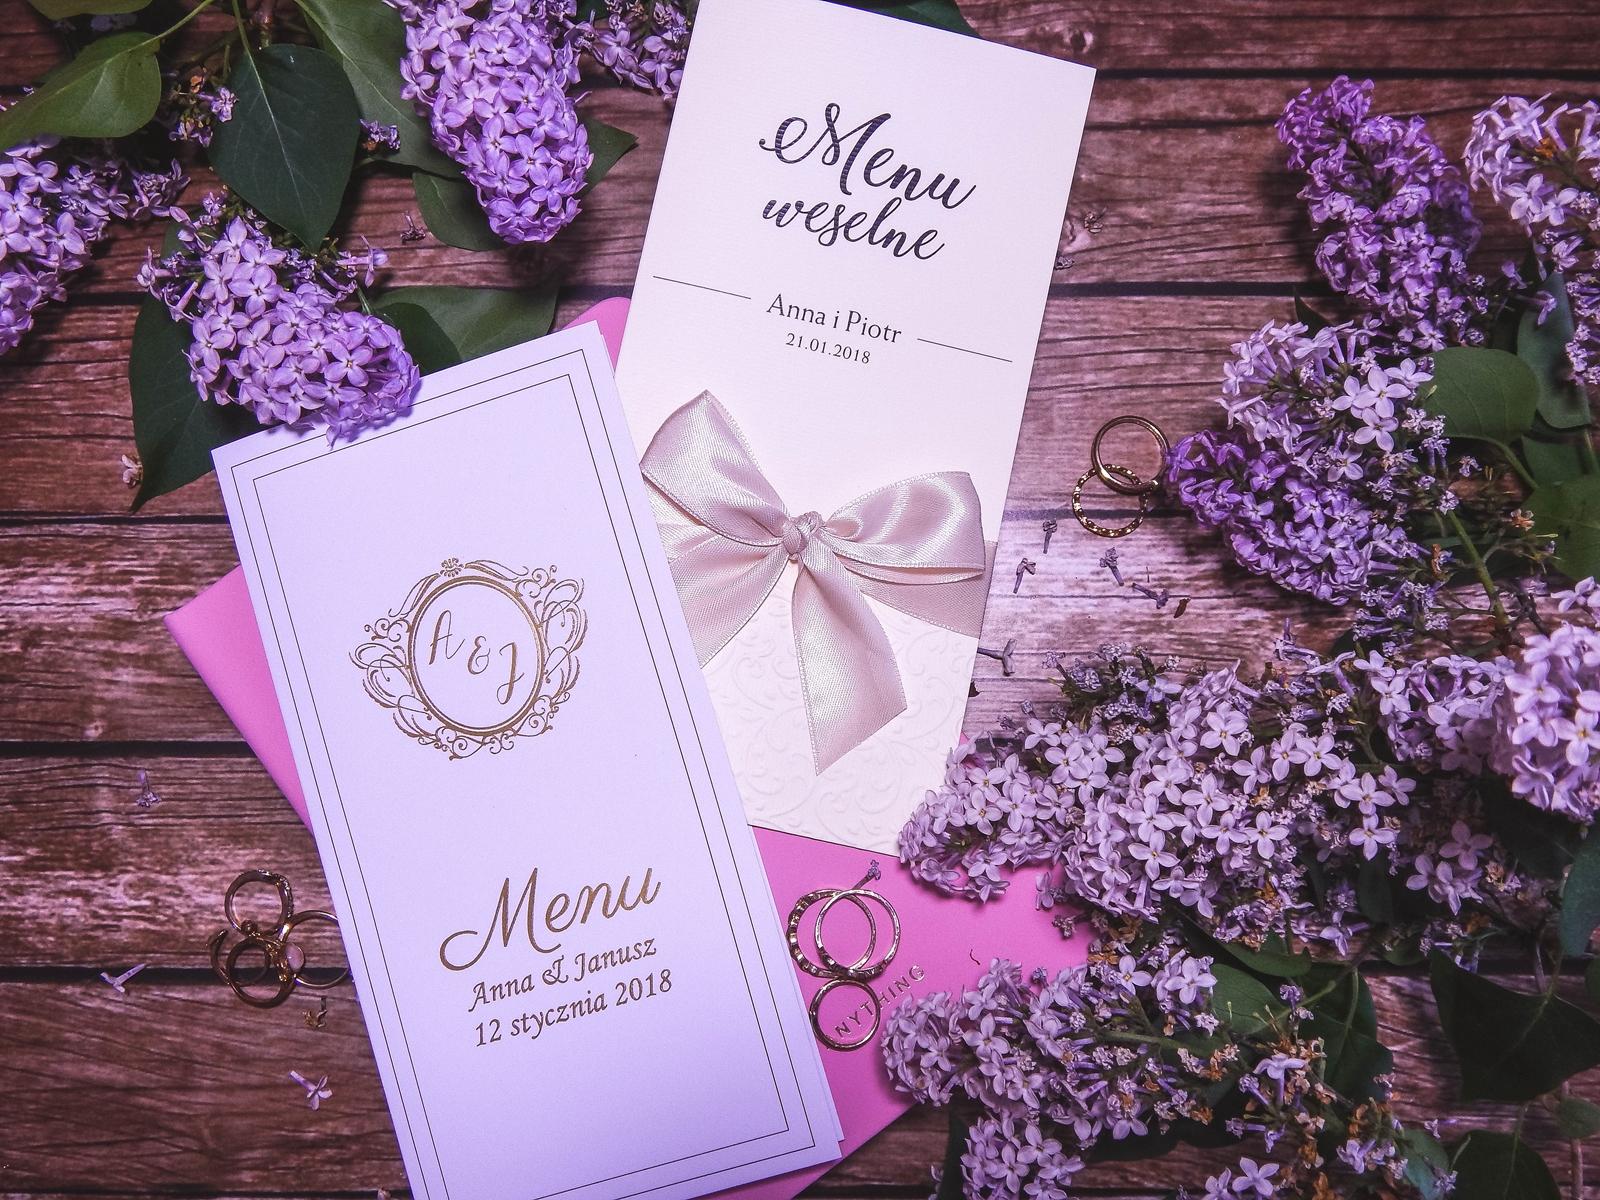 6 jak usadzić goście na weselu zasady rozsadzania gości jak dobrać winietki menu numery na stoły weselne